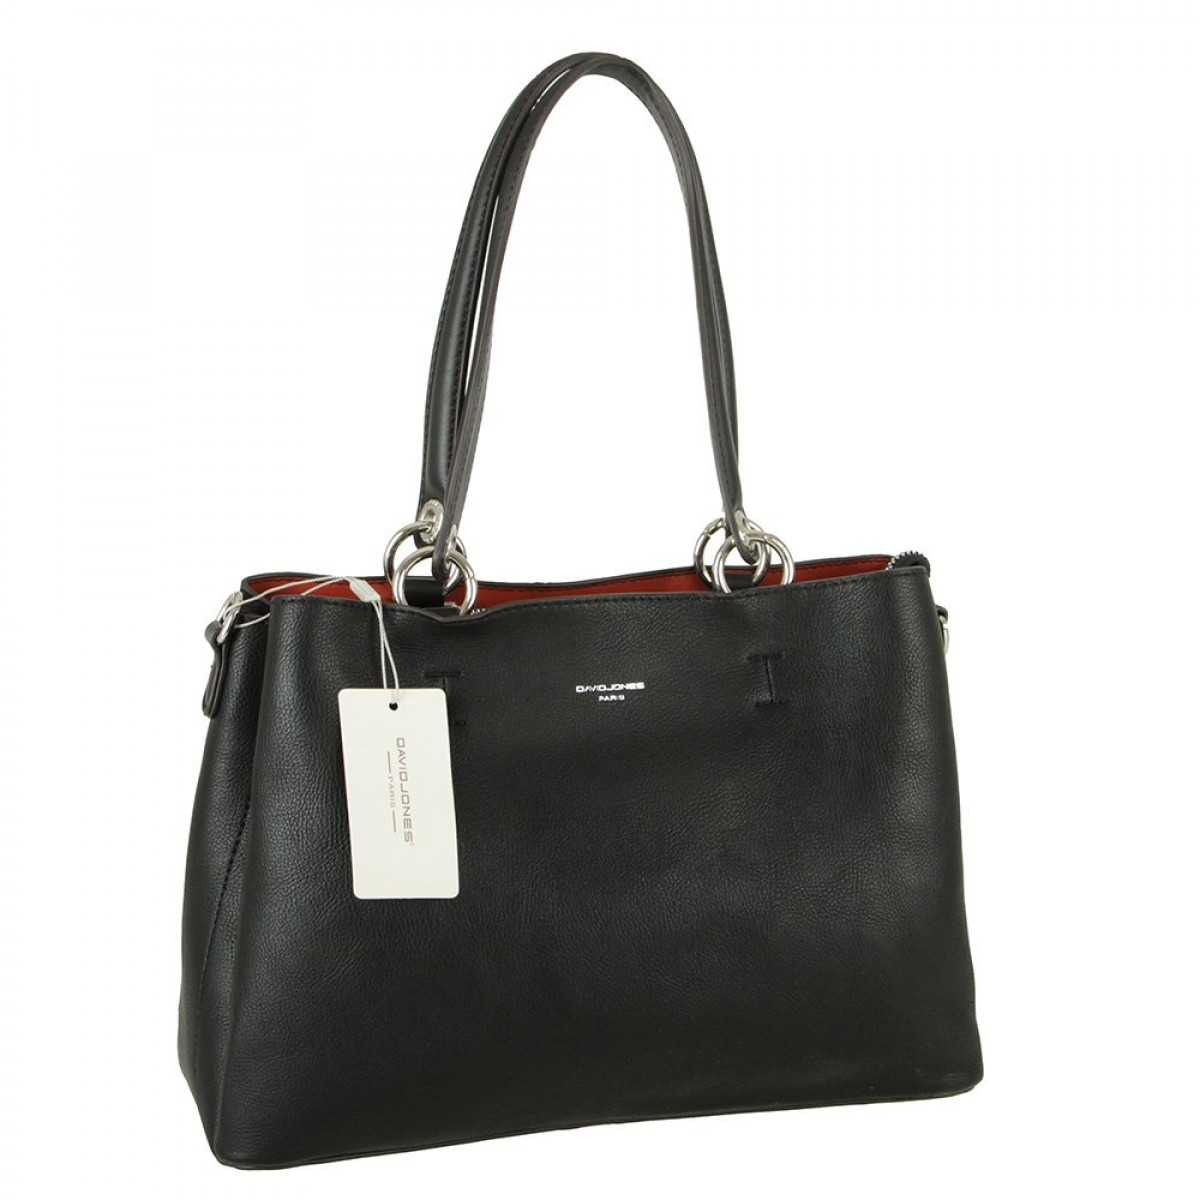 Жіноча сумка David Jones CM5901 BLACK